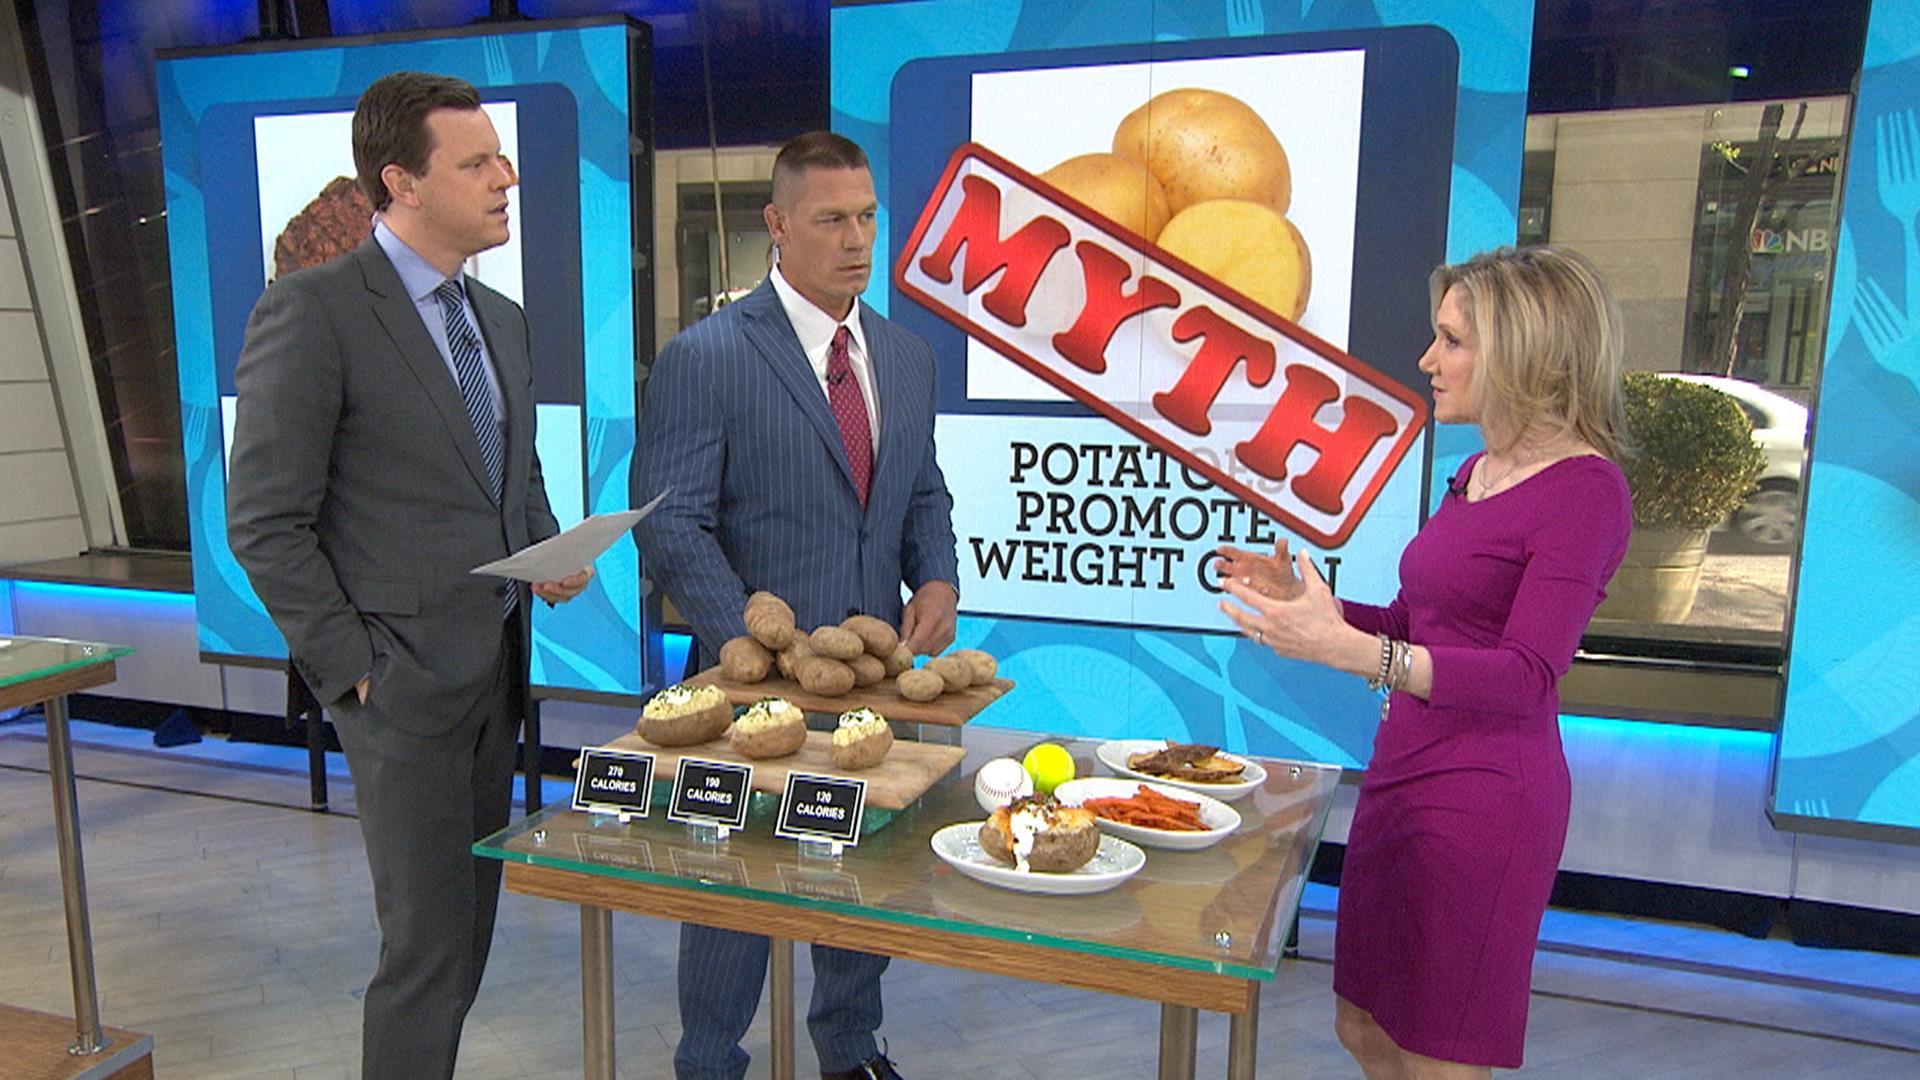 Penn Jillette's mono diet of potatoes concerns nutritionist